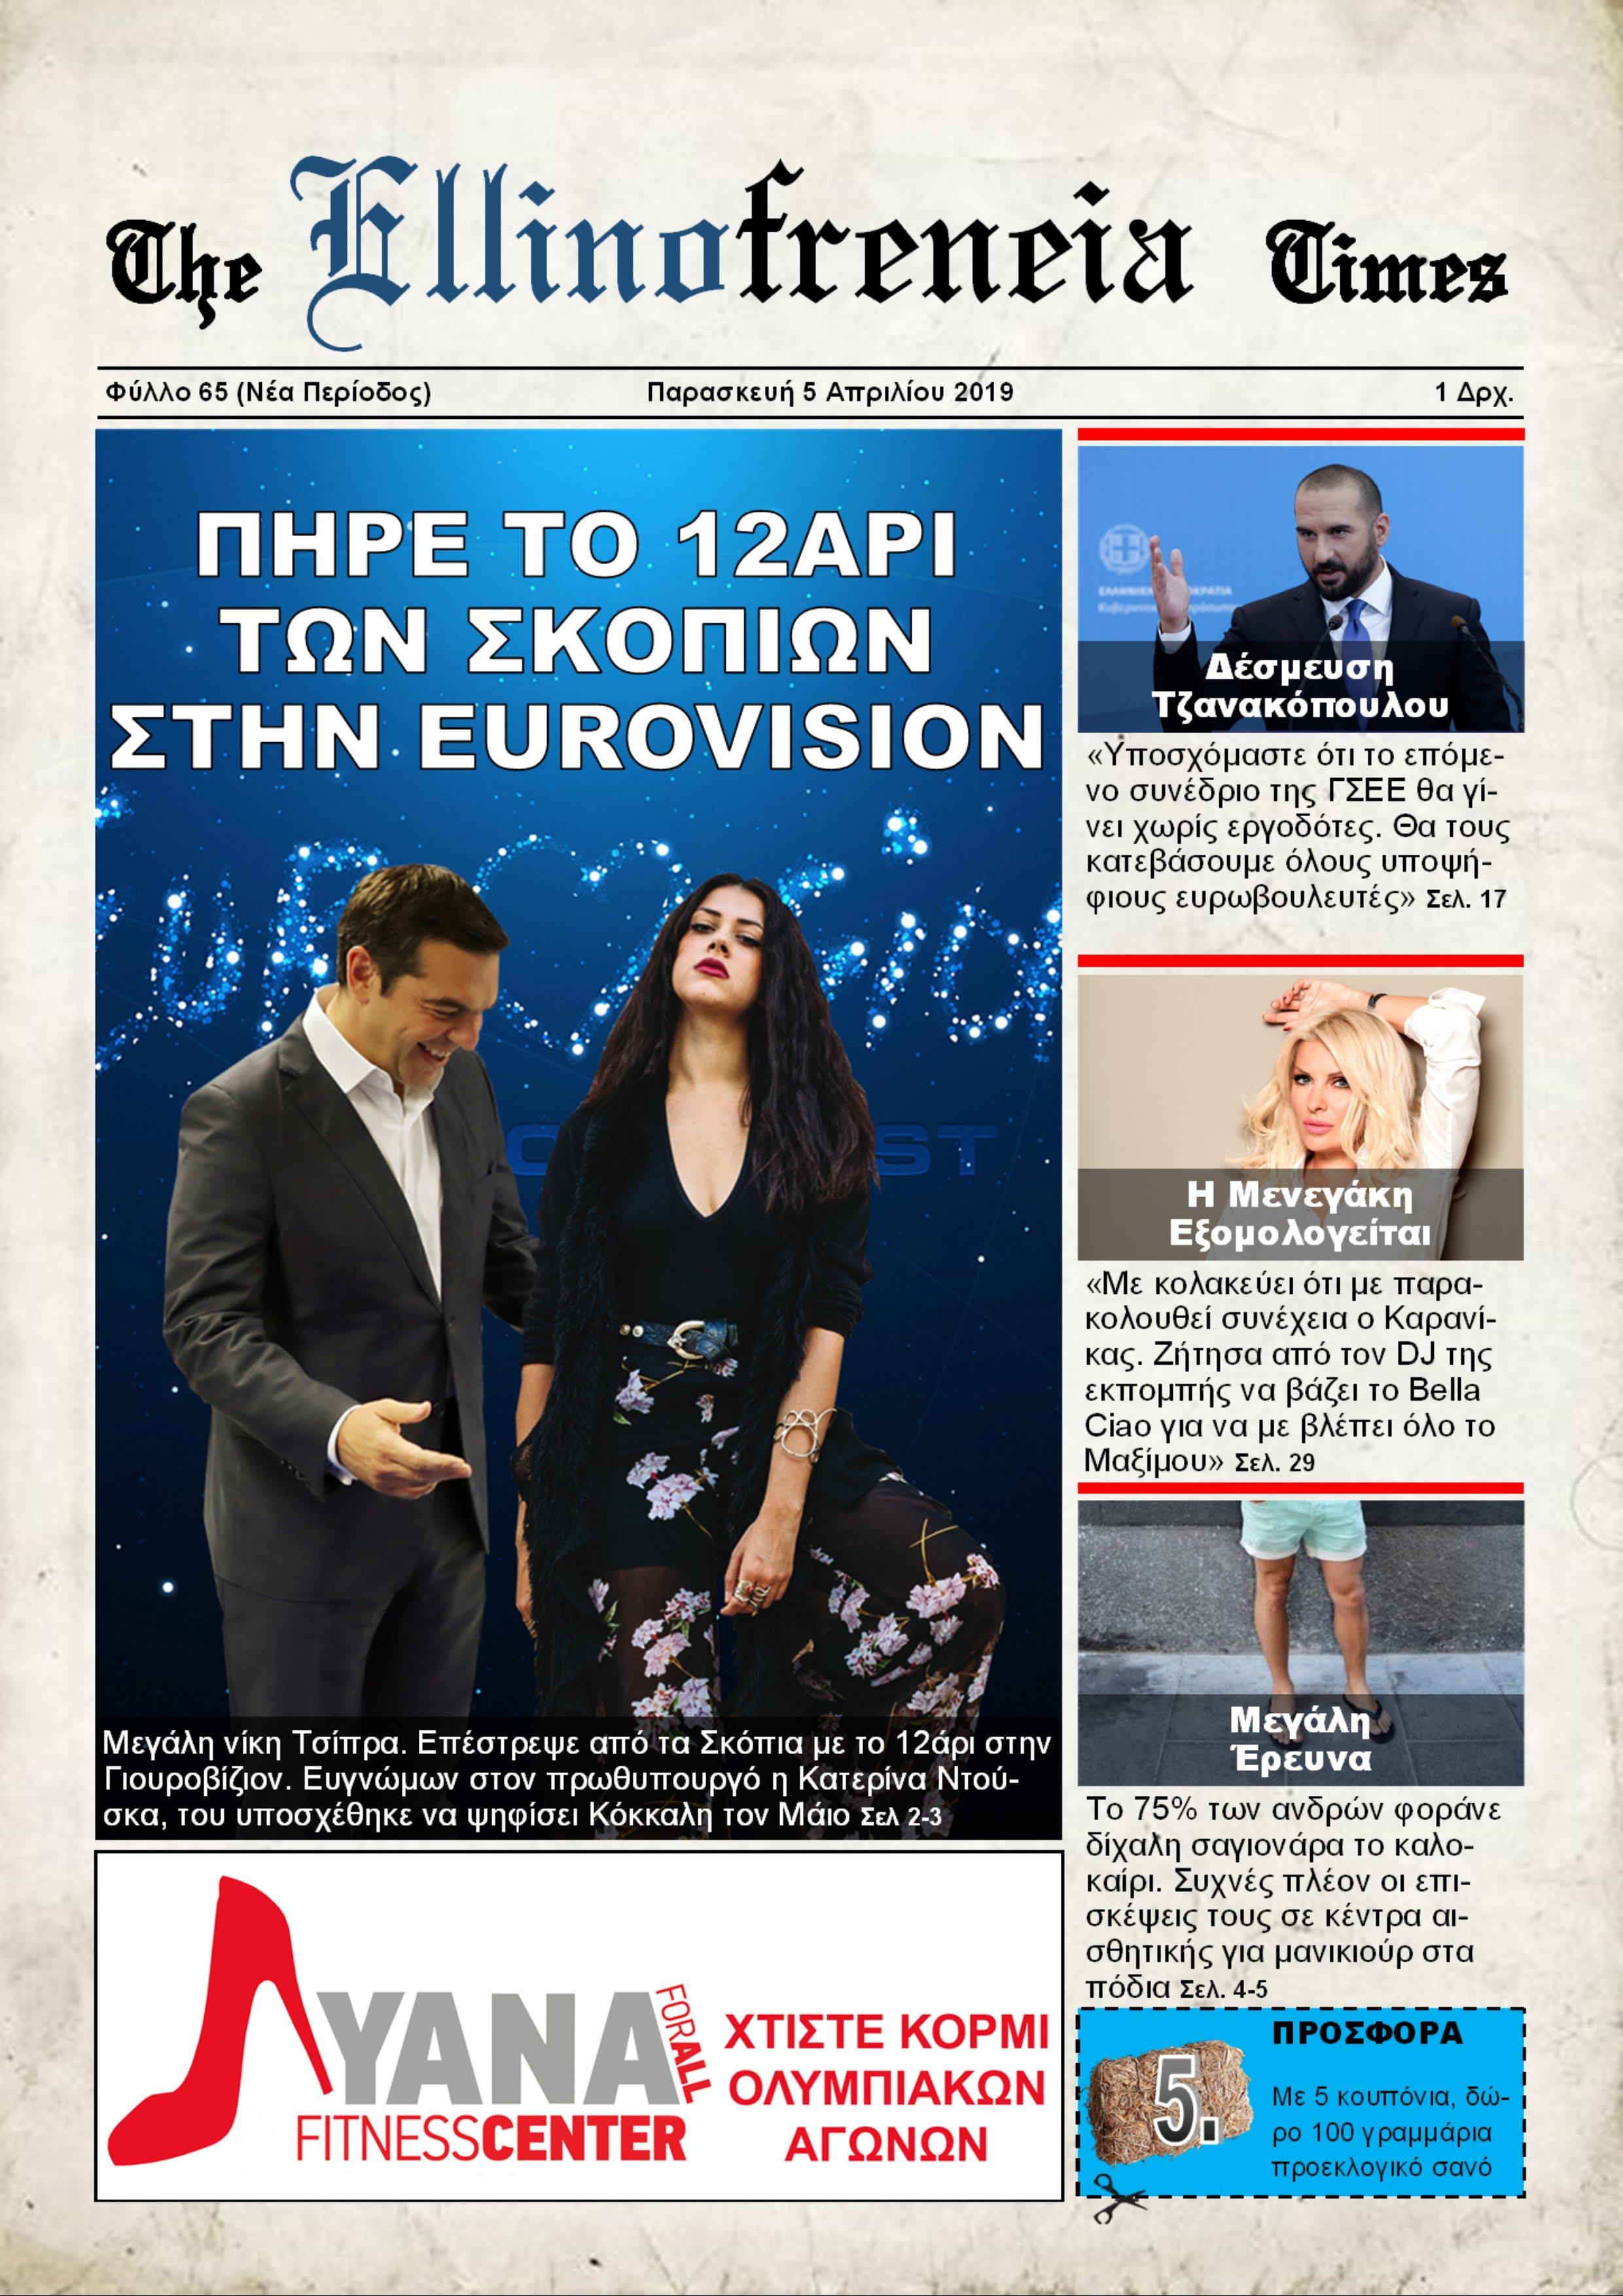 Εφημερίδα, Σκόπια, Γιουροβίζιον, ΓΣΕΕ